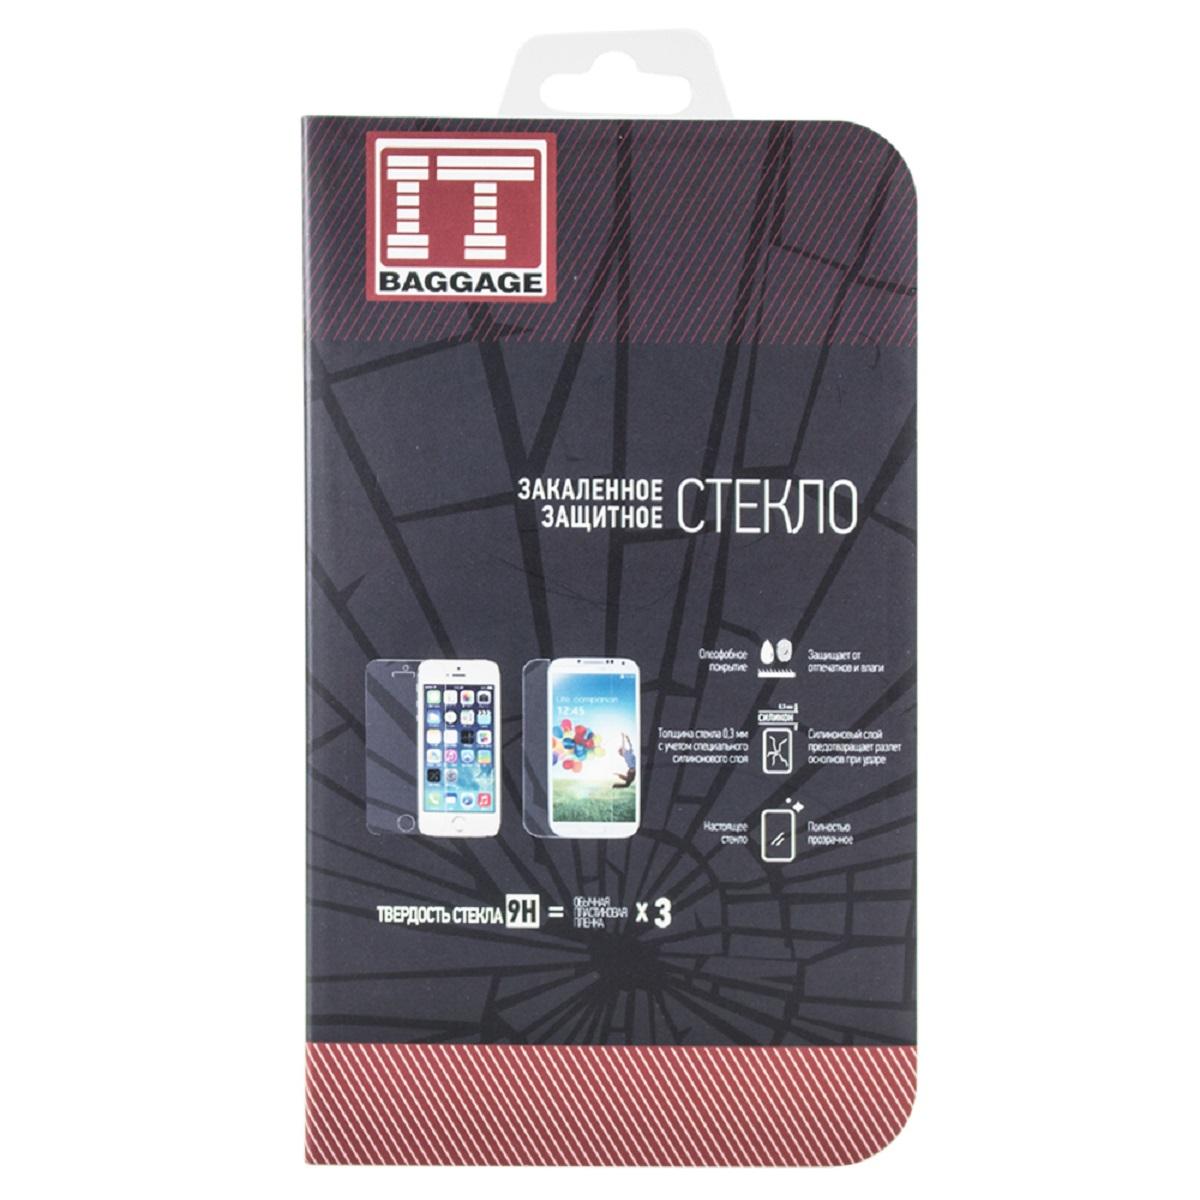 IT Baggage защитное стекло для ZTE Blade X3ITZTEBX3GЗакаленное стекло IT Baggage для ZTE Blade X3 - это самый верный способ защитить экран от повреждений и загрязнений. Обладает высочайшим уровнем прозрачности и совершенно не влияет на отклик экранного сенсора и качество изображения. Препятствует появлению отпечатков и пятен. Удалить следы жира и косметики с поверхности аксессуара не составить ни какого труда. Характеристики защитного стекла делают его износостойким к таким механическим повреждениям, как царапины, сколы, потертости. При сильном ударе разбившееся стекло не разлетается на осколки, предохраняя вас от порезов, а экран устройства от повреждений. После снятия защитного стекла с поверхности дисплея, на нем не остаются повреждения, такие как потертости и царапины.